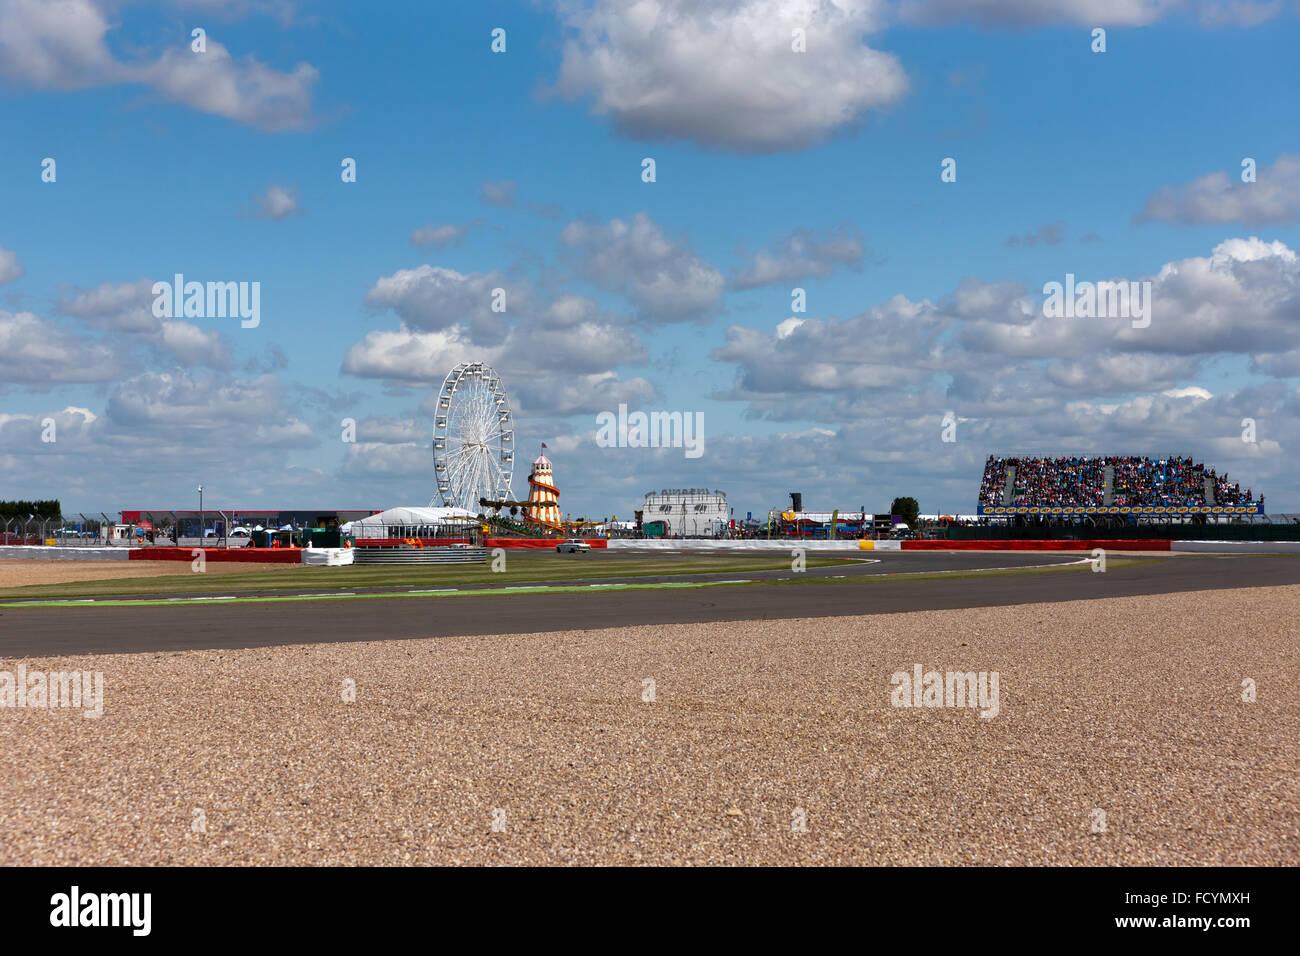 """Weitwinkel-Ansicht von """"The Loop"""", auf dem Silverstone Motor Racing Circuit, während die Silverstone Stockbild"""